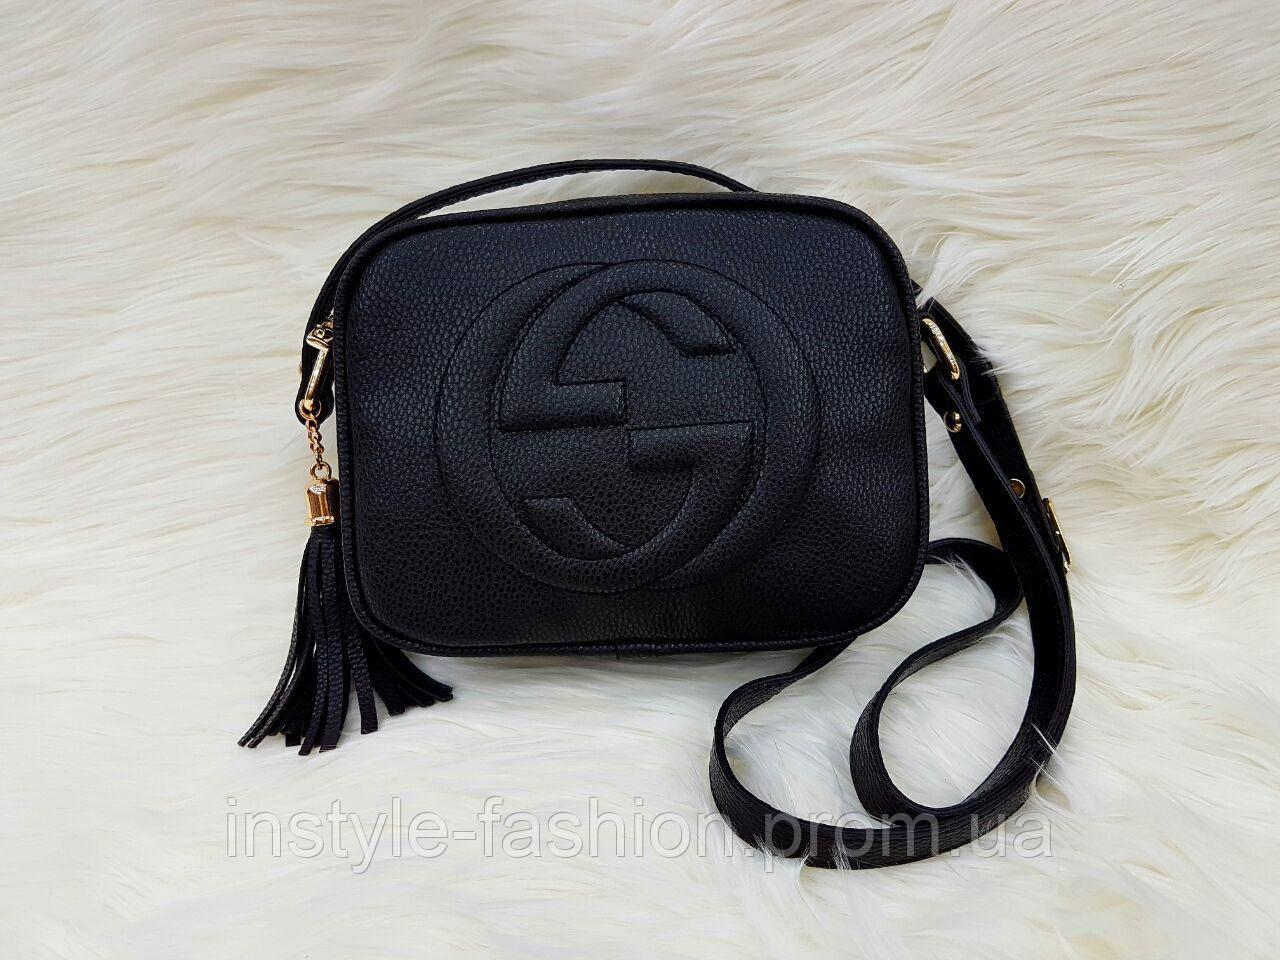 4780d461ab5f Сумка Gucci Гуччи через плечо черная  купить недорого копия продажа ...